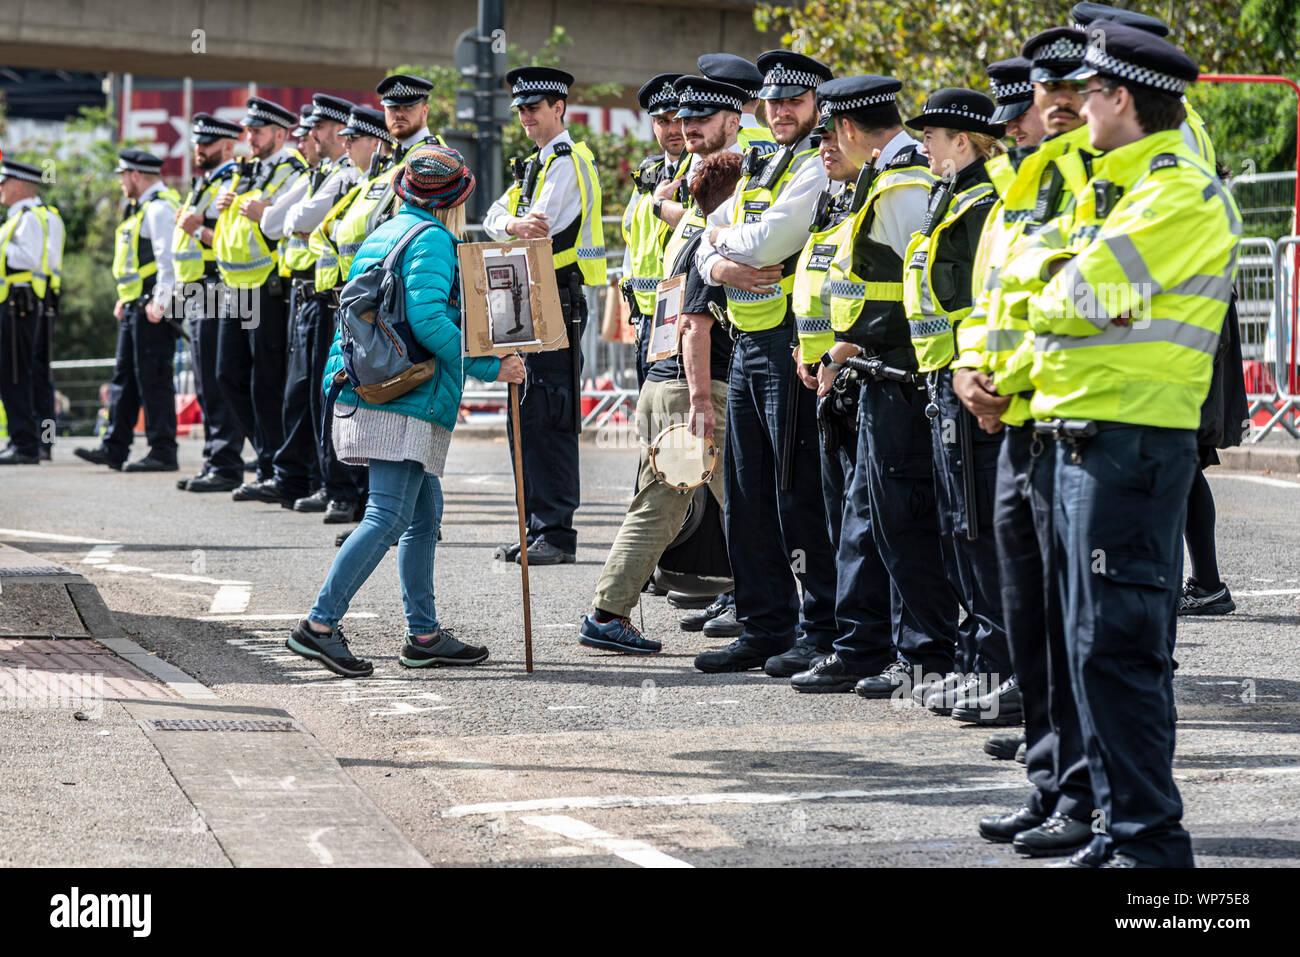 Petite femme manifestant avec cordon de police au sein de la Défense et Sécurité internationale de l'équipement Foire aux armements dees trade show, ExCel, Londres, UK Banque D'Images